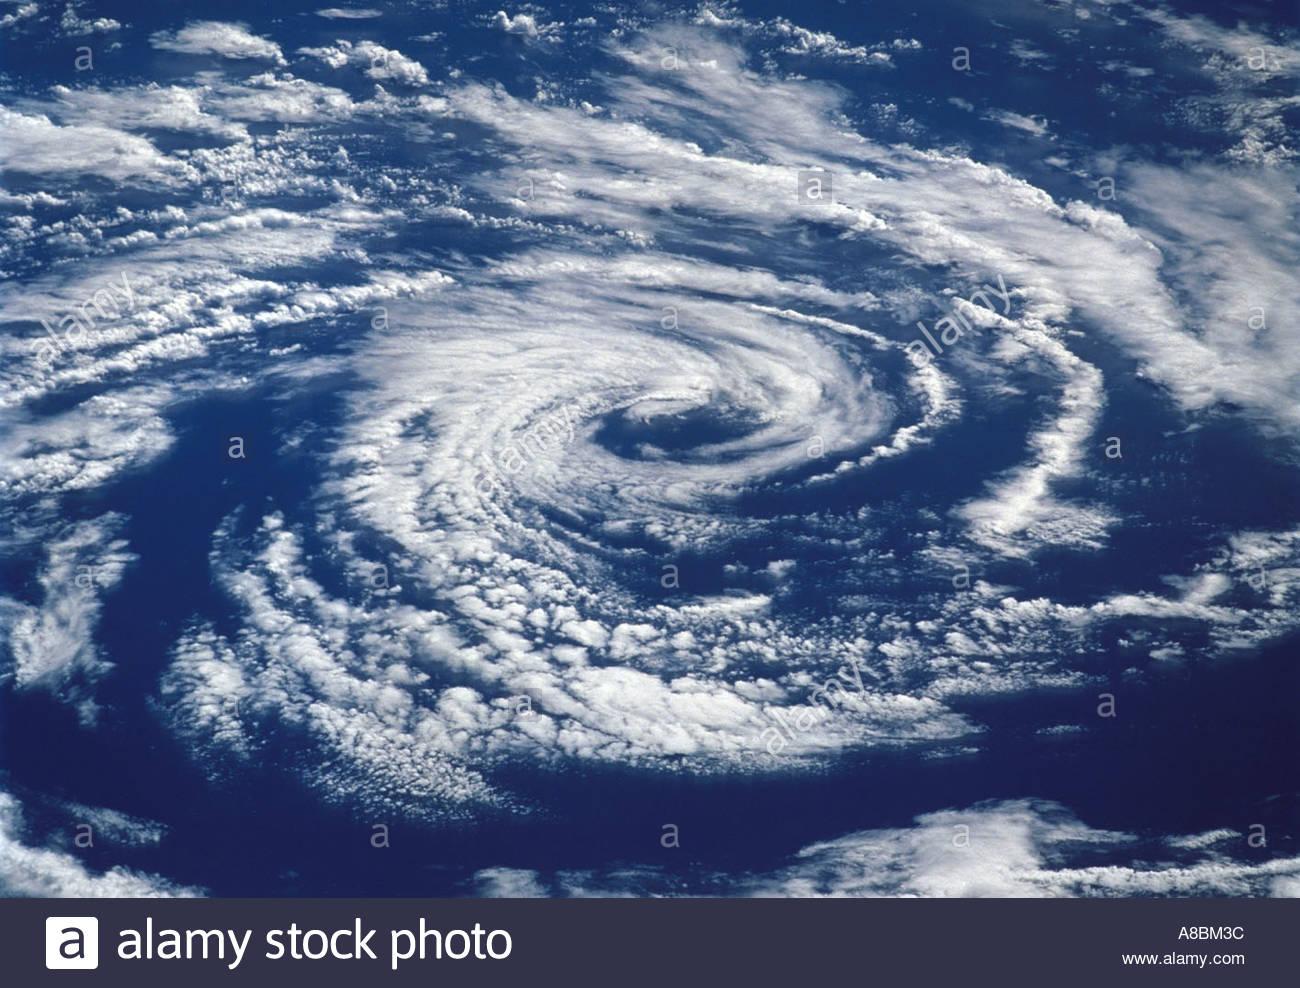 Hurrikan, Zyklon Stockbild